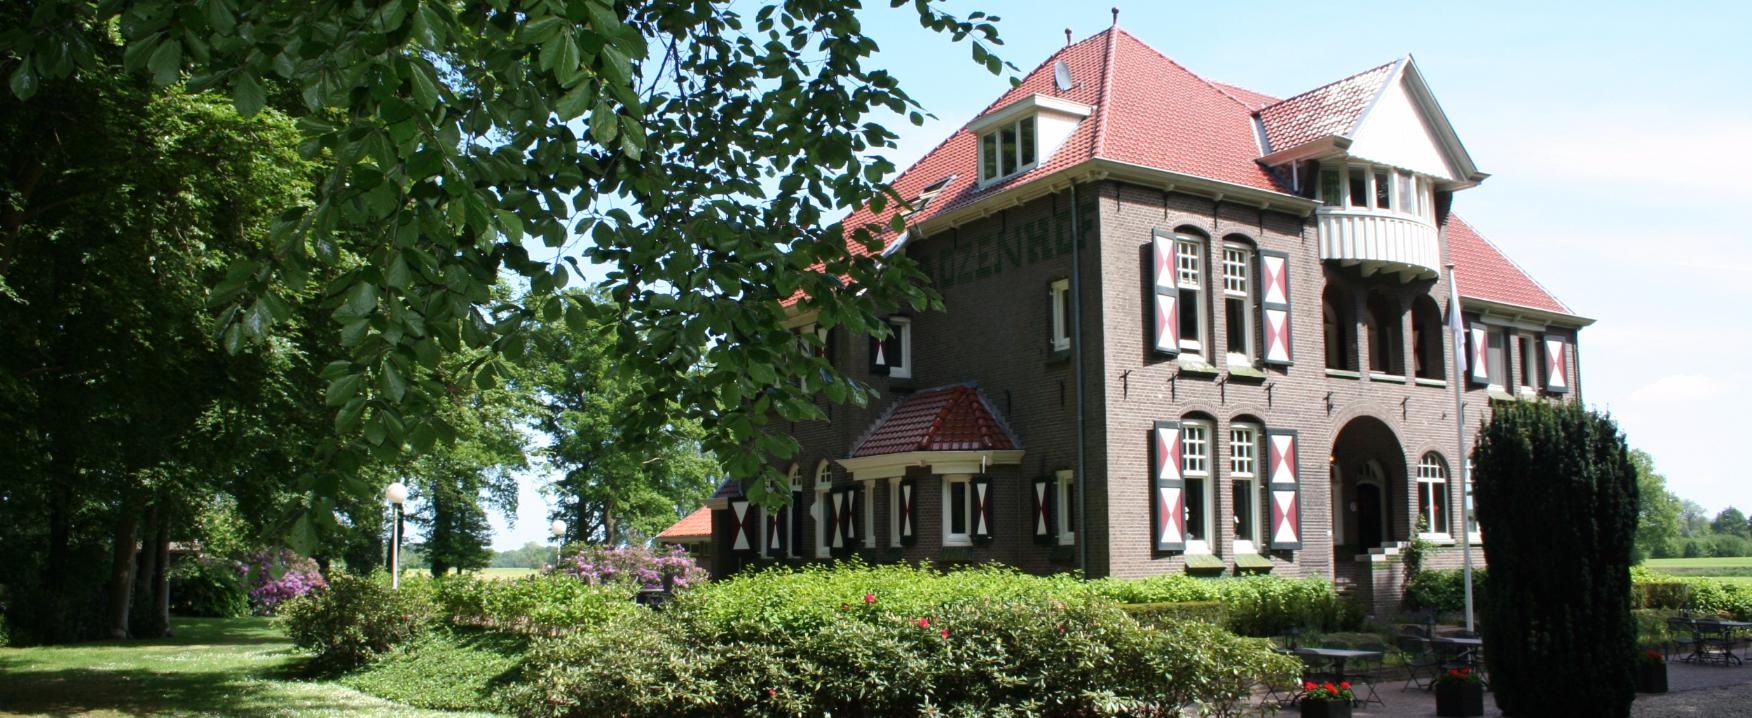 Rozenhof 6